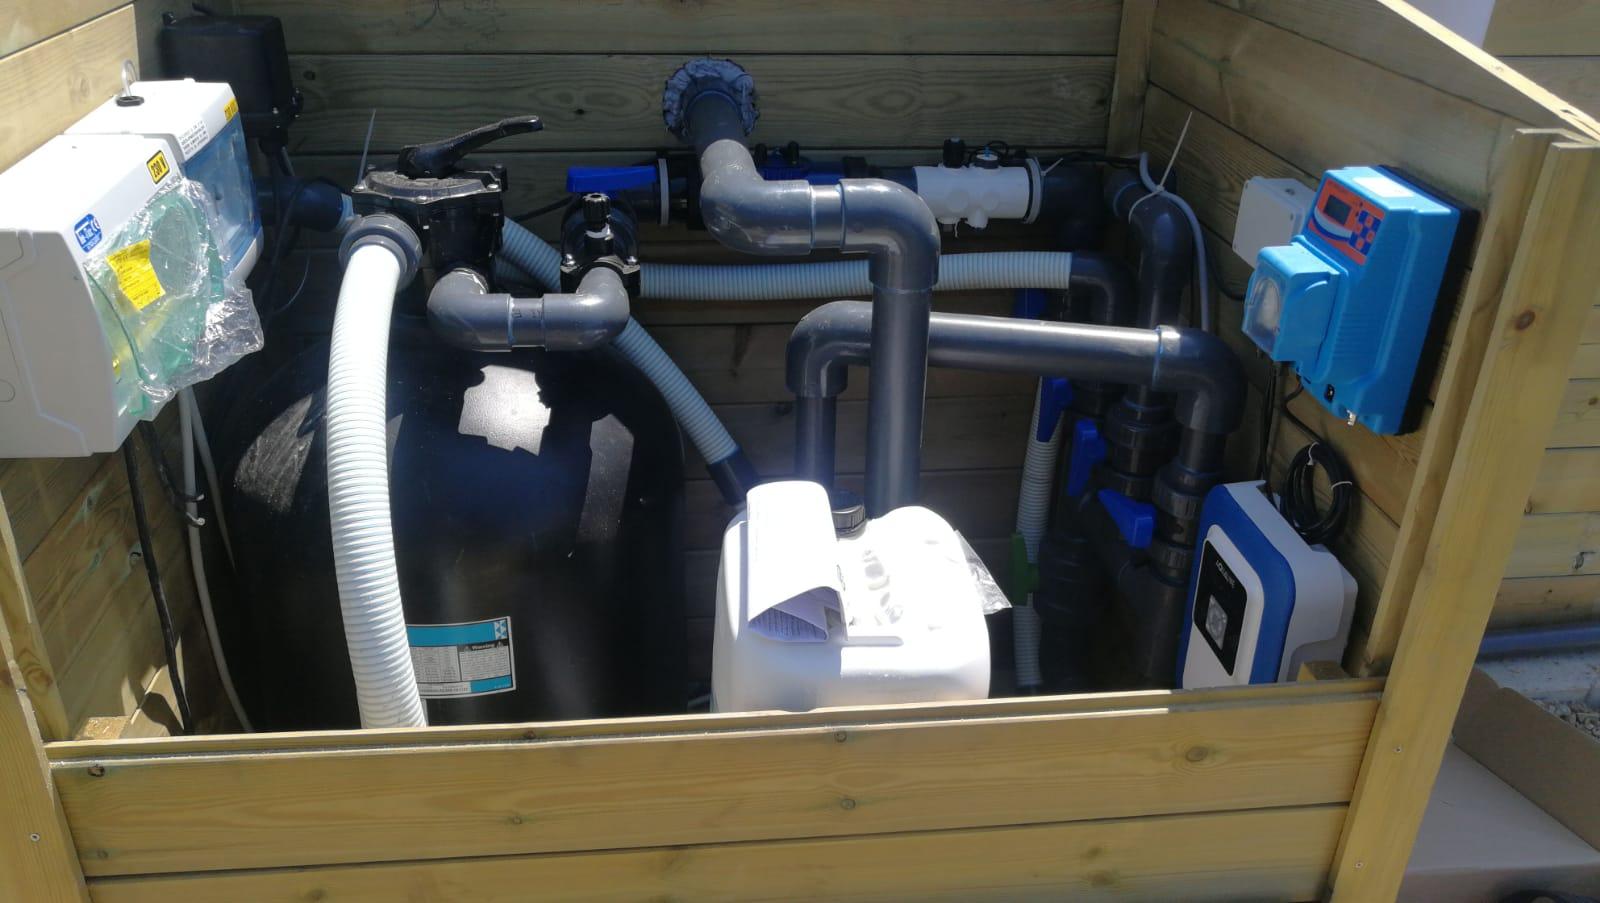 42. Installazione impianto piscina: lavori ultimati.